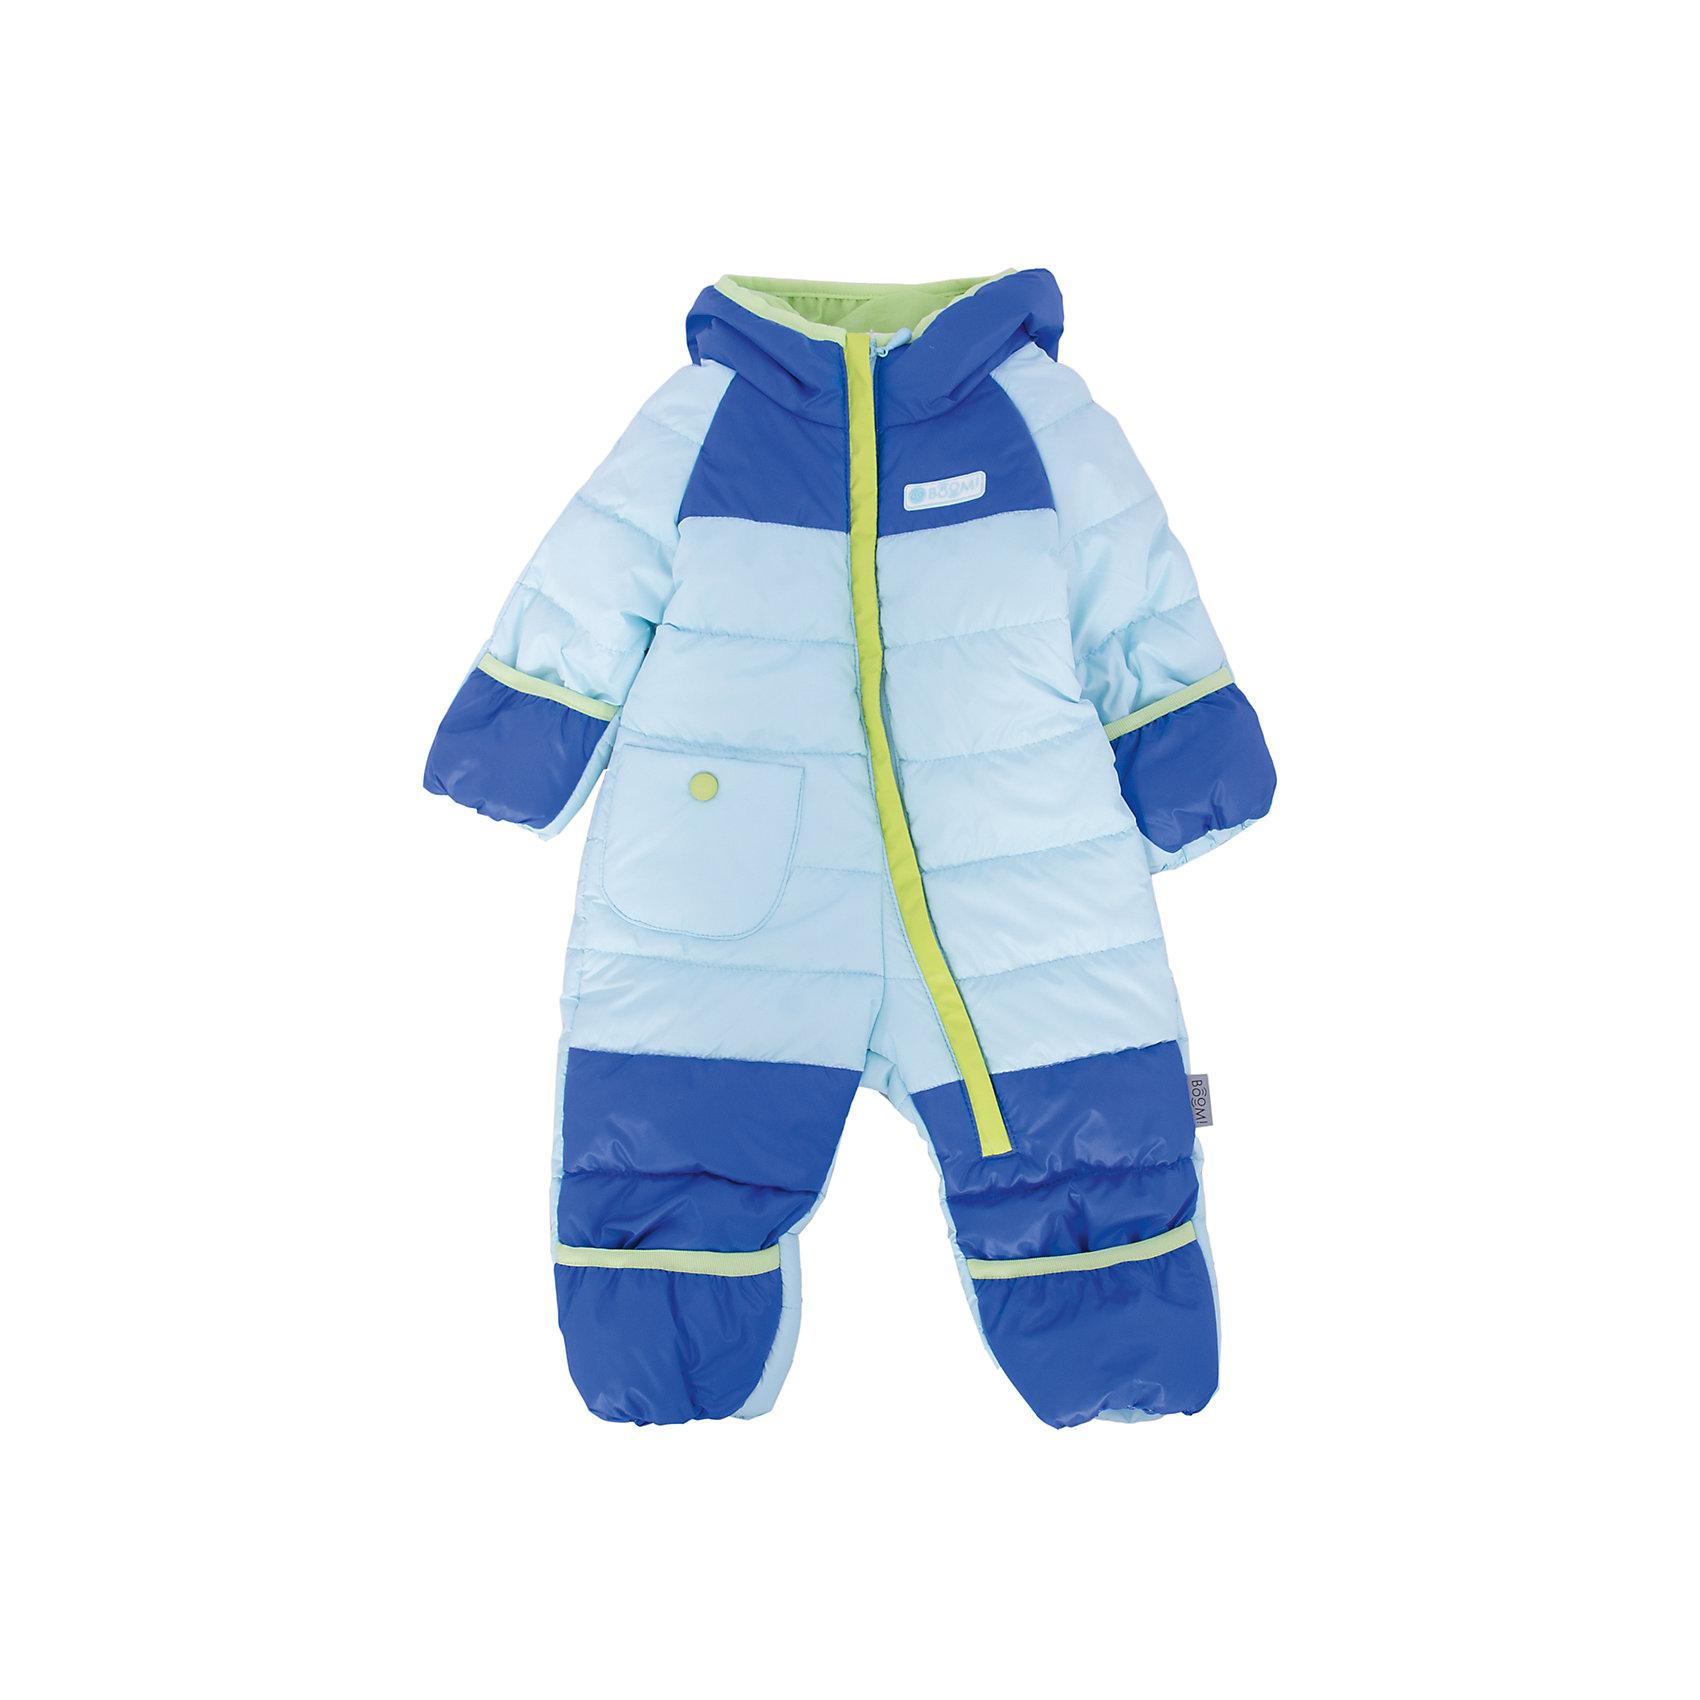 Комбинезон детский BOOM by OrbyВерхняя одежда<br>Характеристики товара:<br><br>• цвет: голубой/синий<br>• состав: верх - болонь, подкладка - поликоттон, утеплитель: эко-синтепон 150 г/м2<br>• температурный режим: от -5 С° до +10 С° <br>• капюшон не отстёгивается<br>• застежка - молния<br>• планка от ветра<br>• отвороты варежки и пинетки для защиты от продуваний<br>• декорирован логотипом<br>• комфортная посадка<br>• страна производства: Российская Федерация<br>• страна бренда: Российская Федерация<br>• коллекция: весна-лето 2017<br><br>Одежда для самых маленьких должна быть особо комфортной! Такой комбинезон - отличный вариант для межсезонья с постоянно меняющейся погодой. Эта модель - модная и удобная одновременно! Изделие отличается стильным ярким дизайном. Комбинезон дополнен мягкой подкладкой. Вещь была разработана специально для малышей.<br><br>Одежда от российского бренда BOOM by Orby уже завоевала популярностью у многих детей и их родителей. Вещи, выпускаемые компанией, качественные, продуманные и очень удобные. Для производства коллекций используются только безопасные для детей материалы. Спешите приобрести модели из новой коллекции Весна-лето 2017! <br><br>Комбинезон детский от бренда BOOM by Orby можно купить в нашем интернет-магазине.<br><br>Ширина мм: 356<br>Глубина мм: 10<br>Высота мм: 245<br>Вес г: 519<br>Цвет: голубой<br>Возраст от месяцев: 3<br>Возраст до месяцев: 6<br>Пол: Унисекс<br>Возраст: Детский<br>Размер: 68,80,74<br>SKU: 5342765